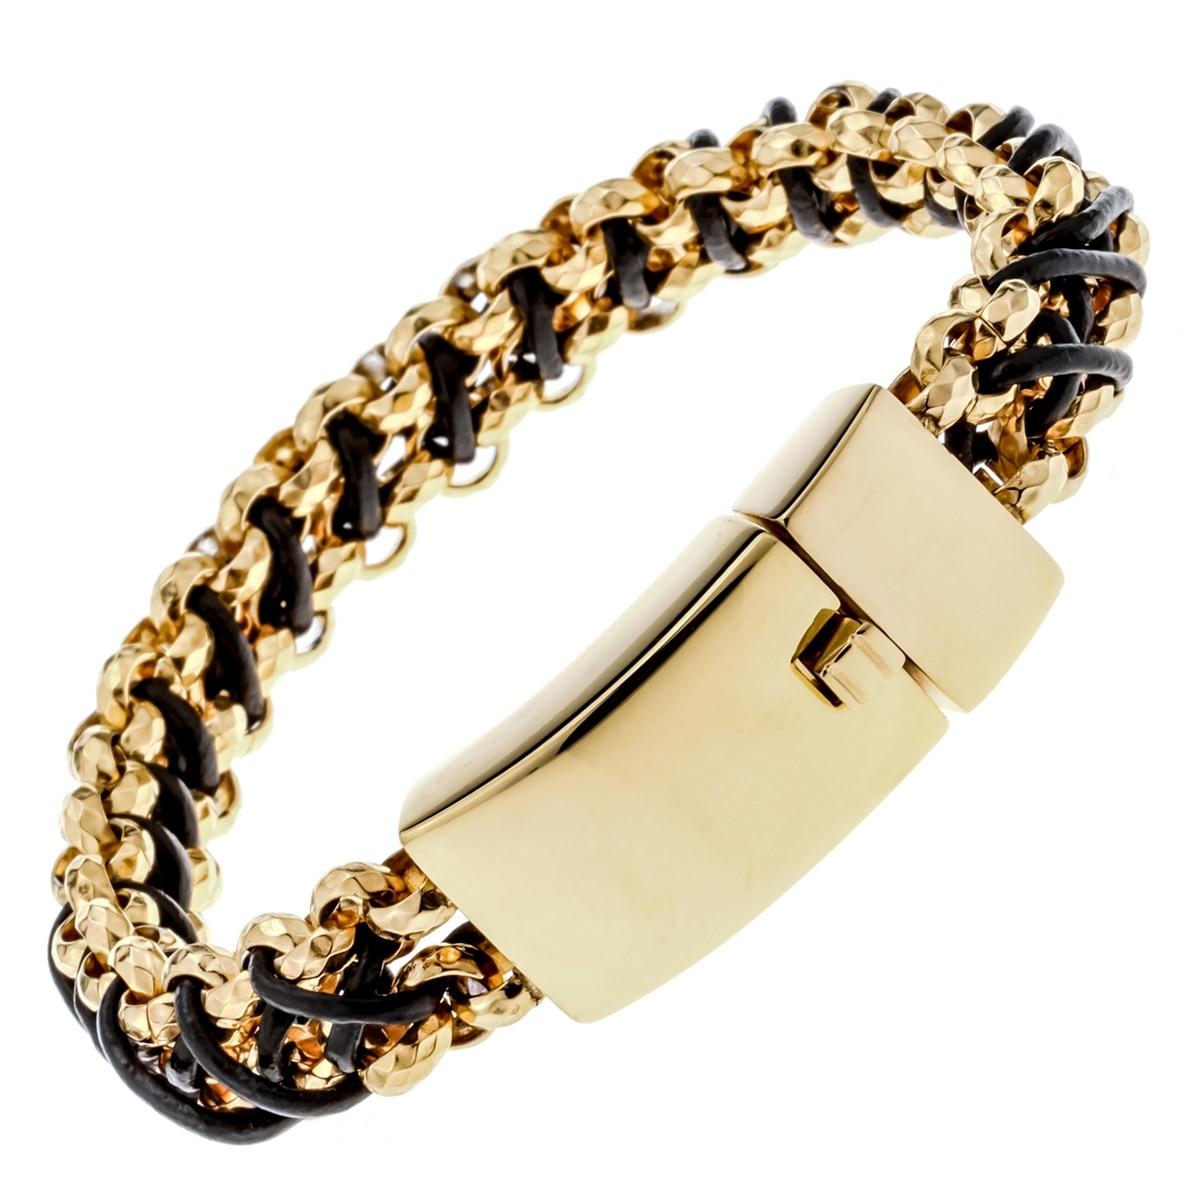 mens stainless steel black leather link chain bracelet. Black Bedroom Furniture Sets. Home Design Ideas